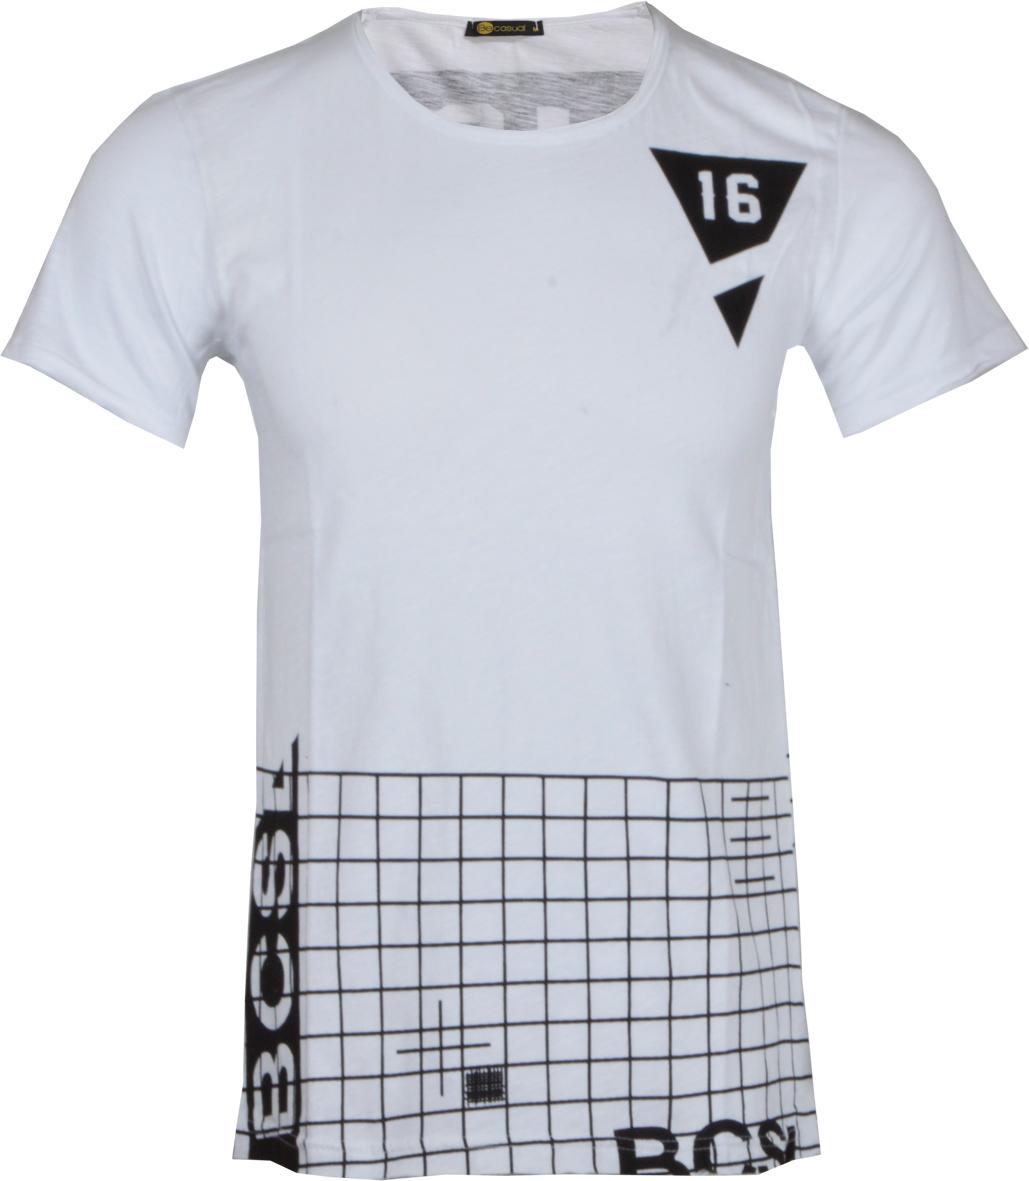 Ανδρικό T-Shirt Becasual Lines αρχική ανδρικά ρούχα t shirts